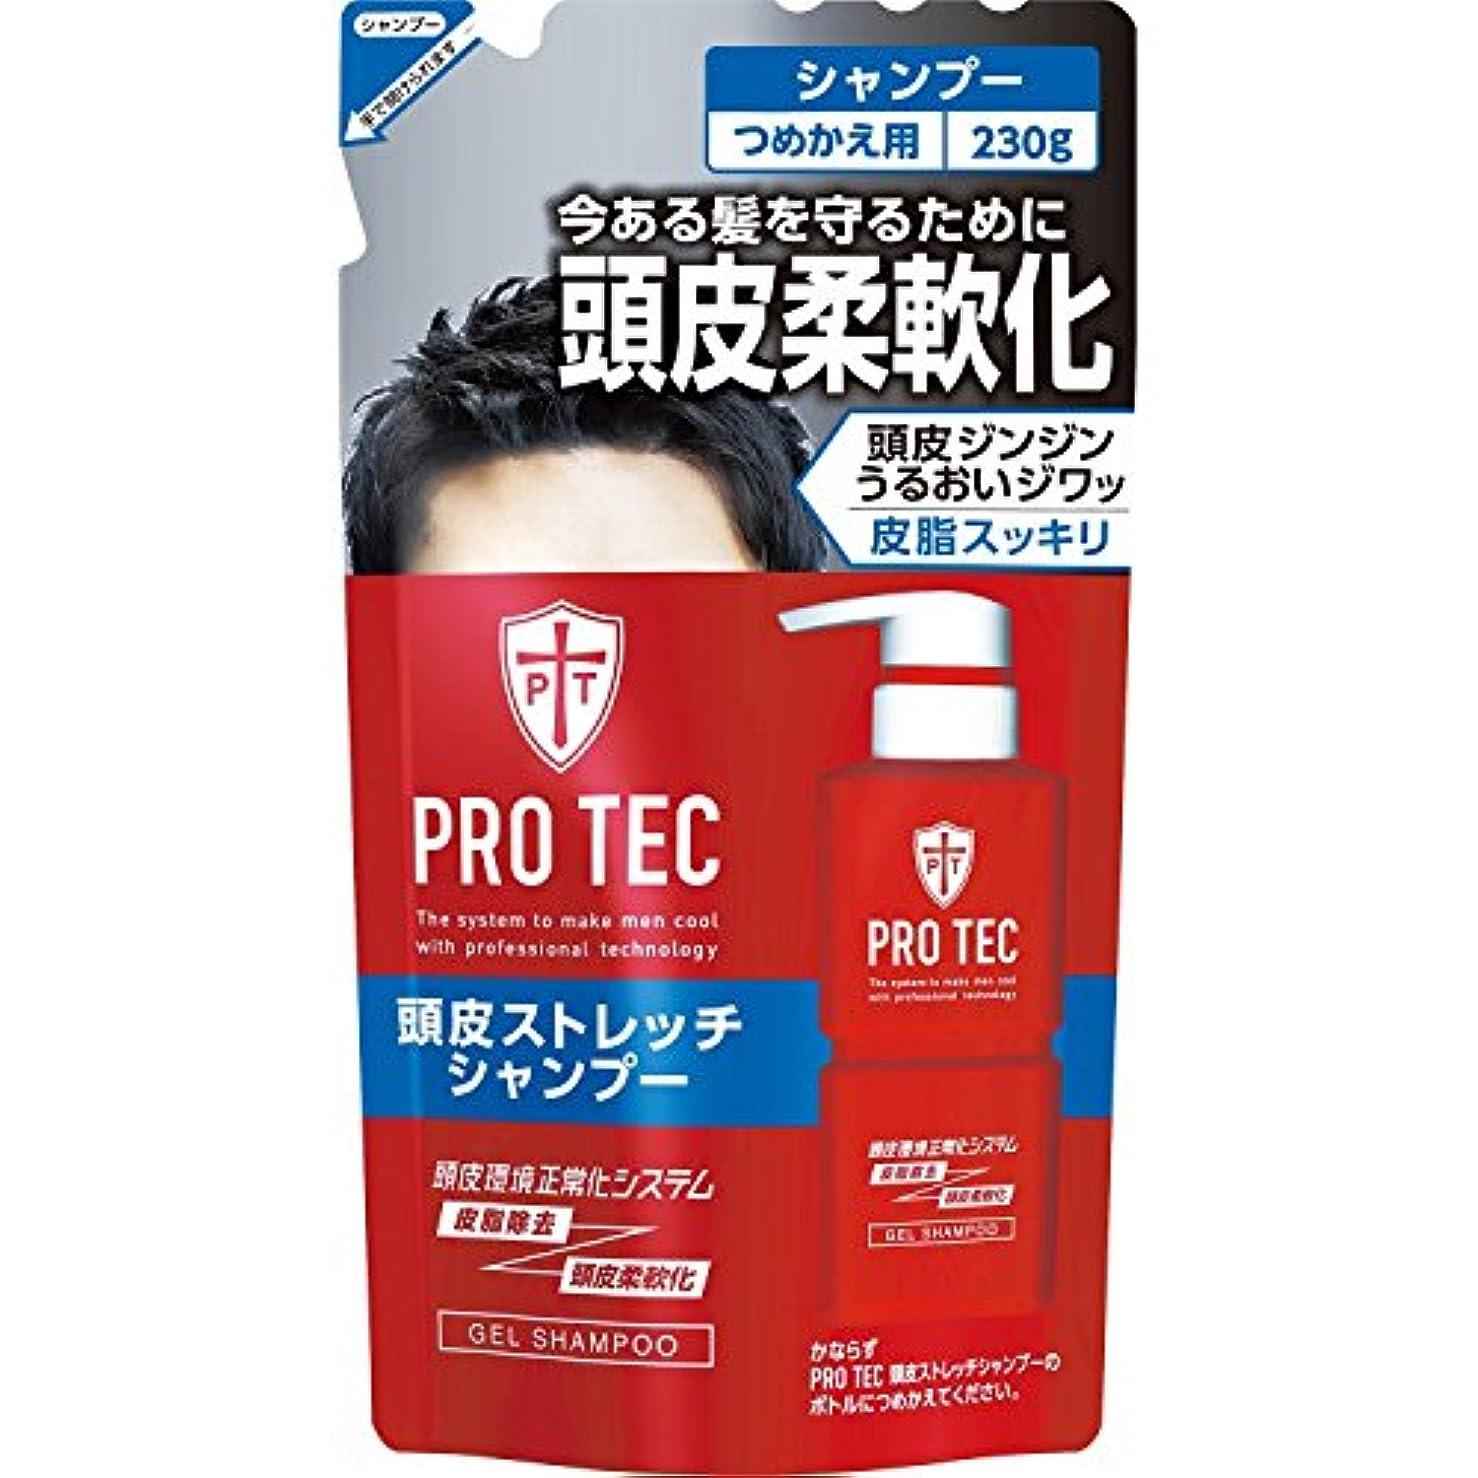 スマッシュ略すインフルエンザPRO TEC(プロテク) 頭皮ストレッチ シャンプー 詰め替え 230g(医薬部外品)